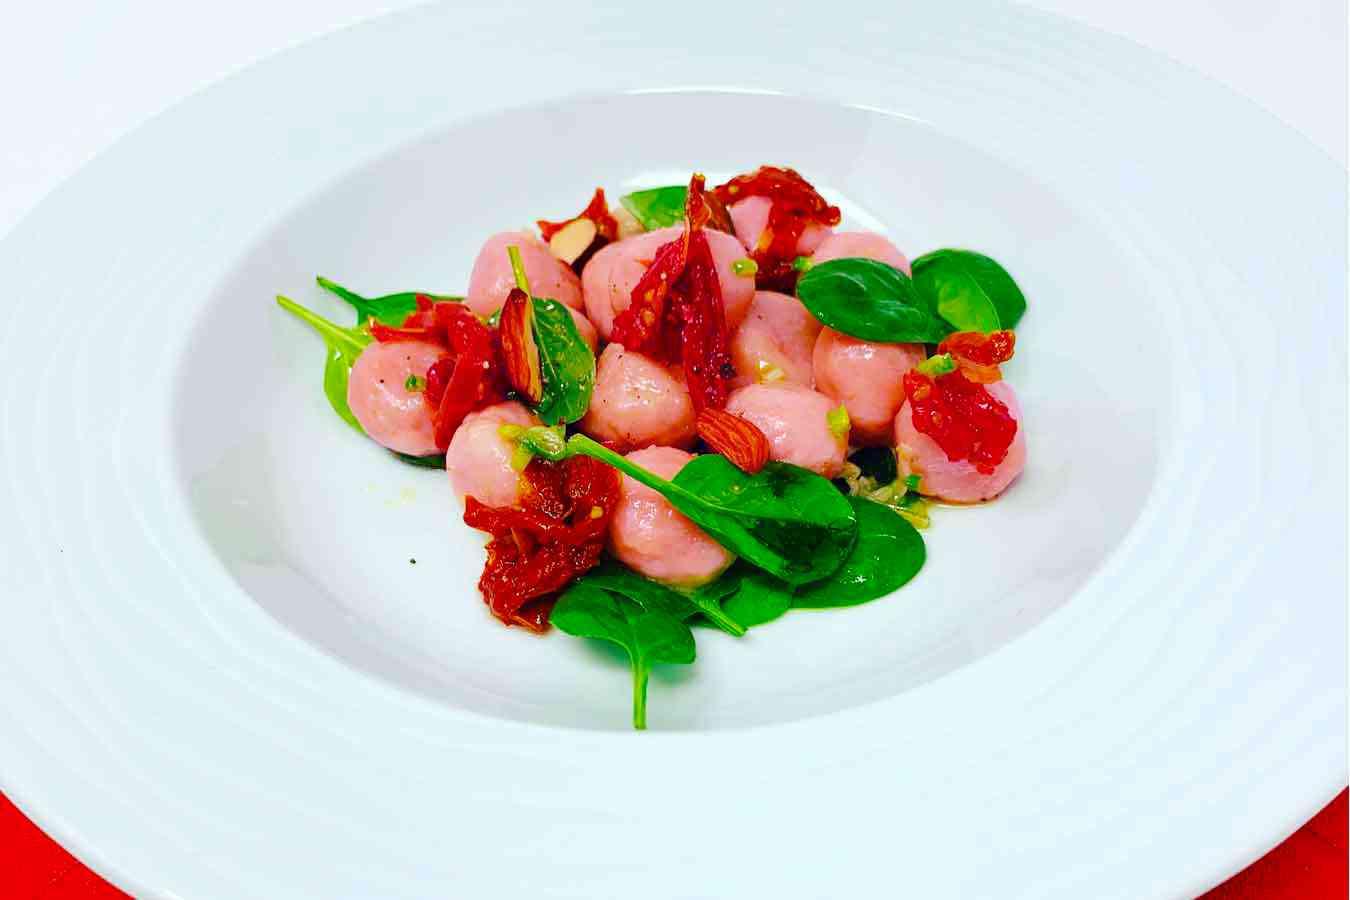 Gnocchi rosa di barbabietola, con spinacini e pomodorini secchi